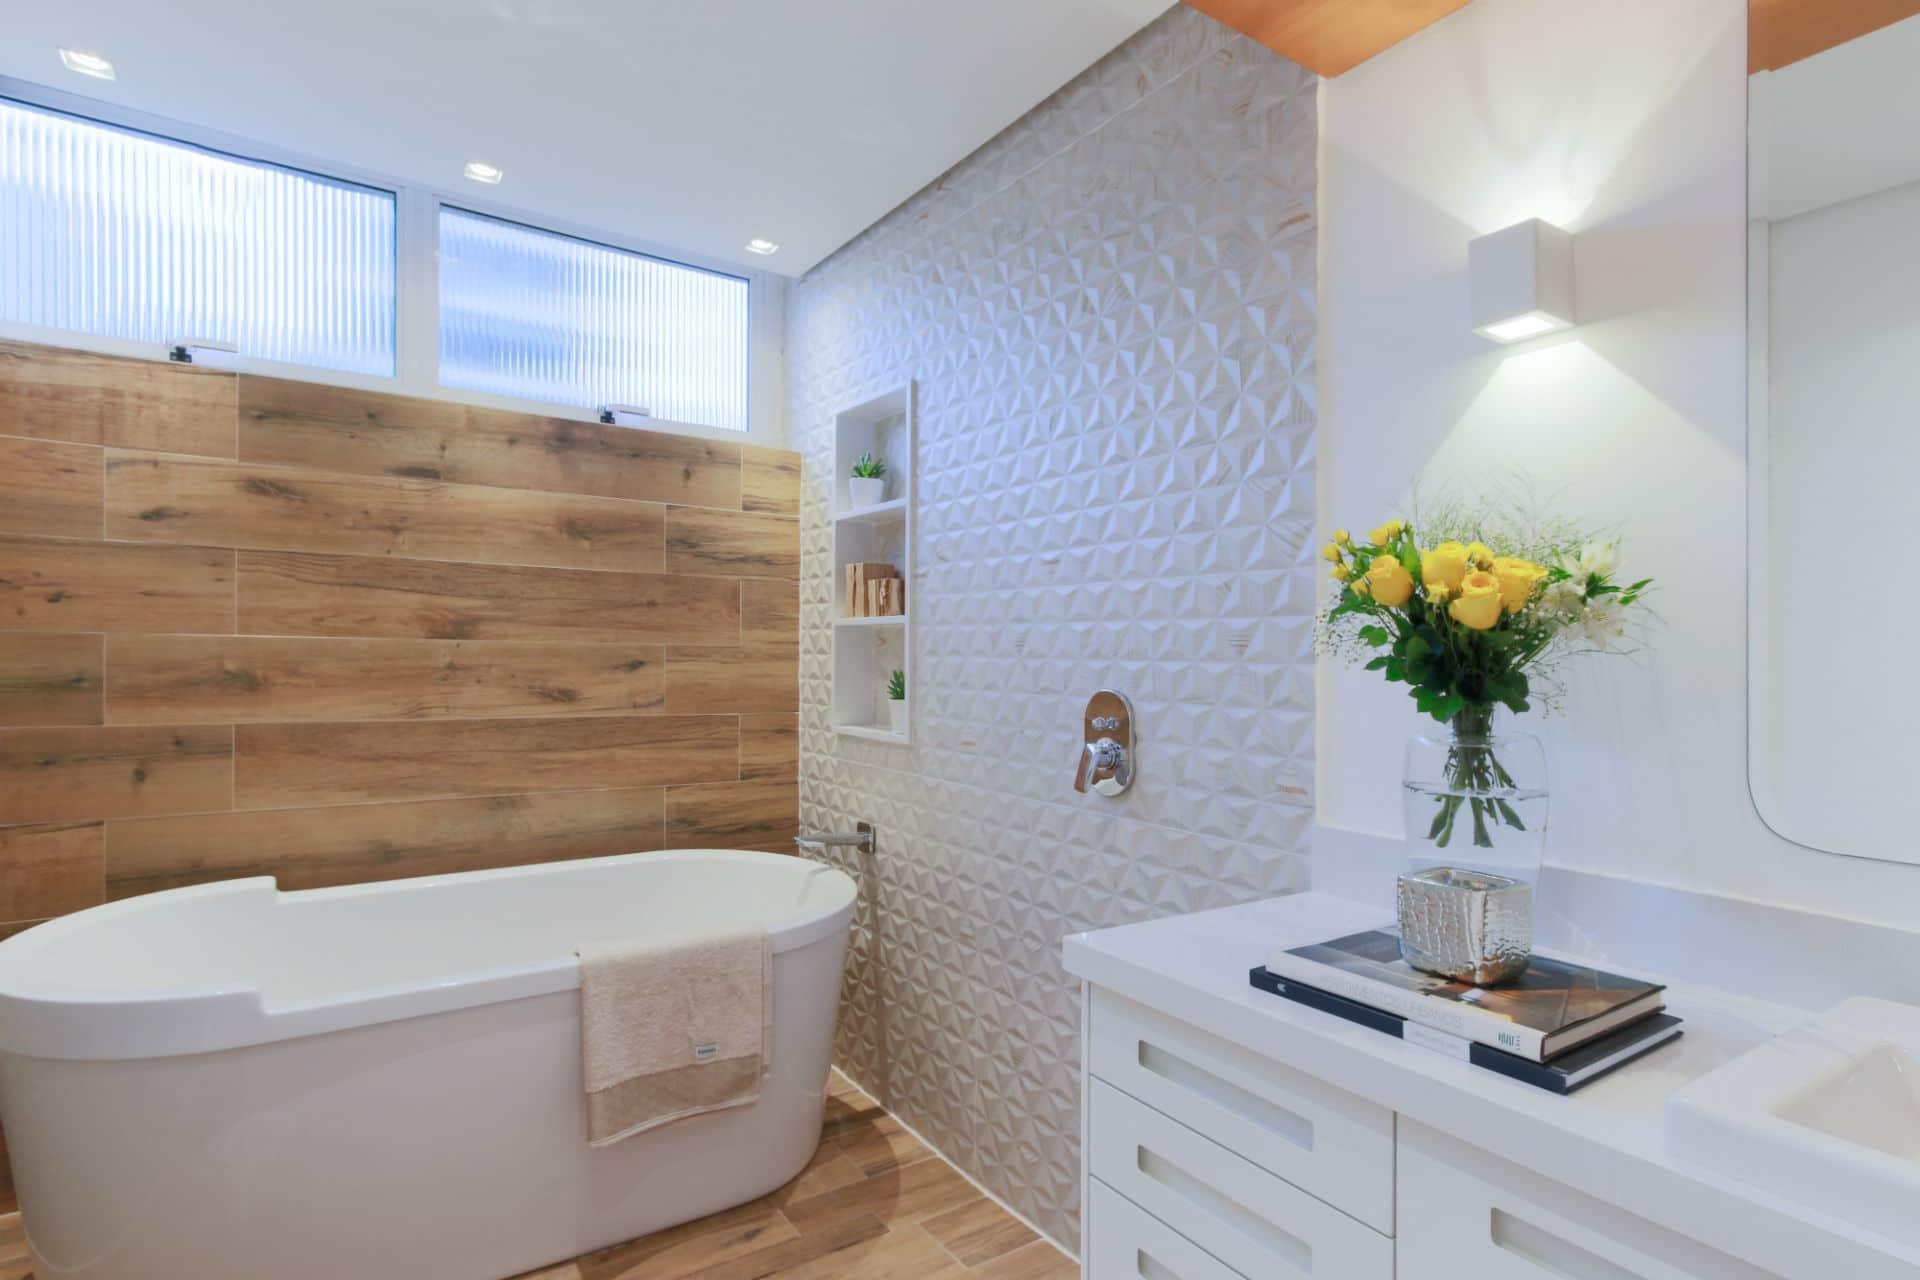 O que levar em conta para planejar o banheiro?